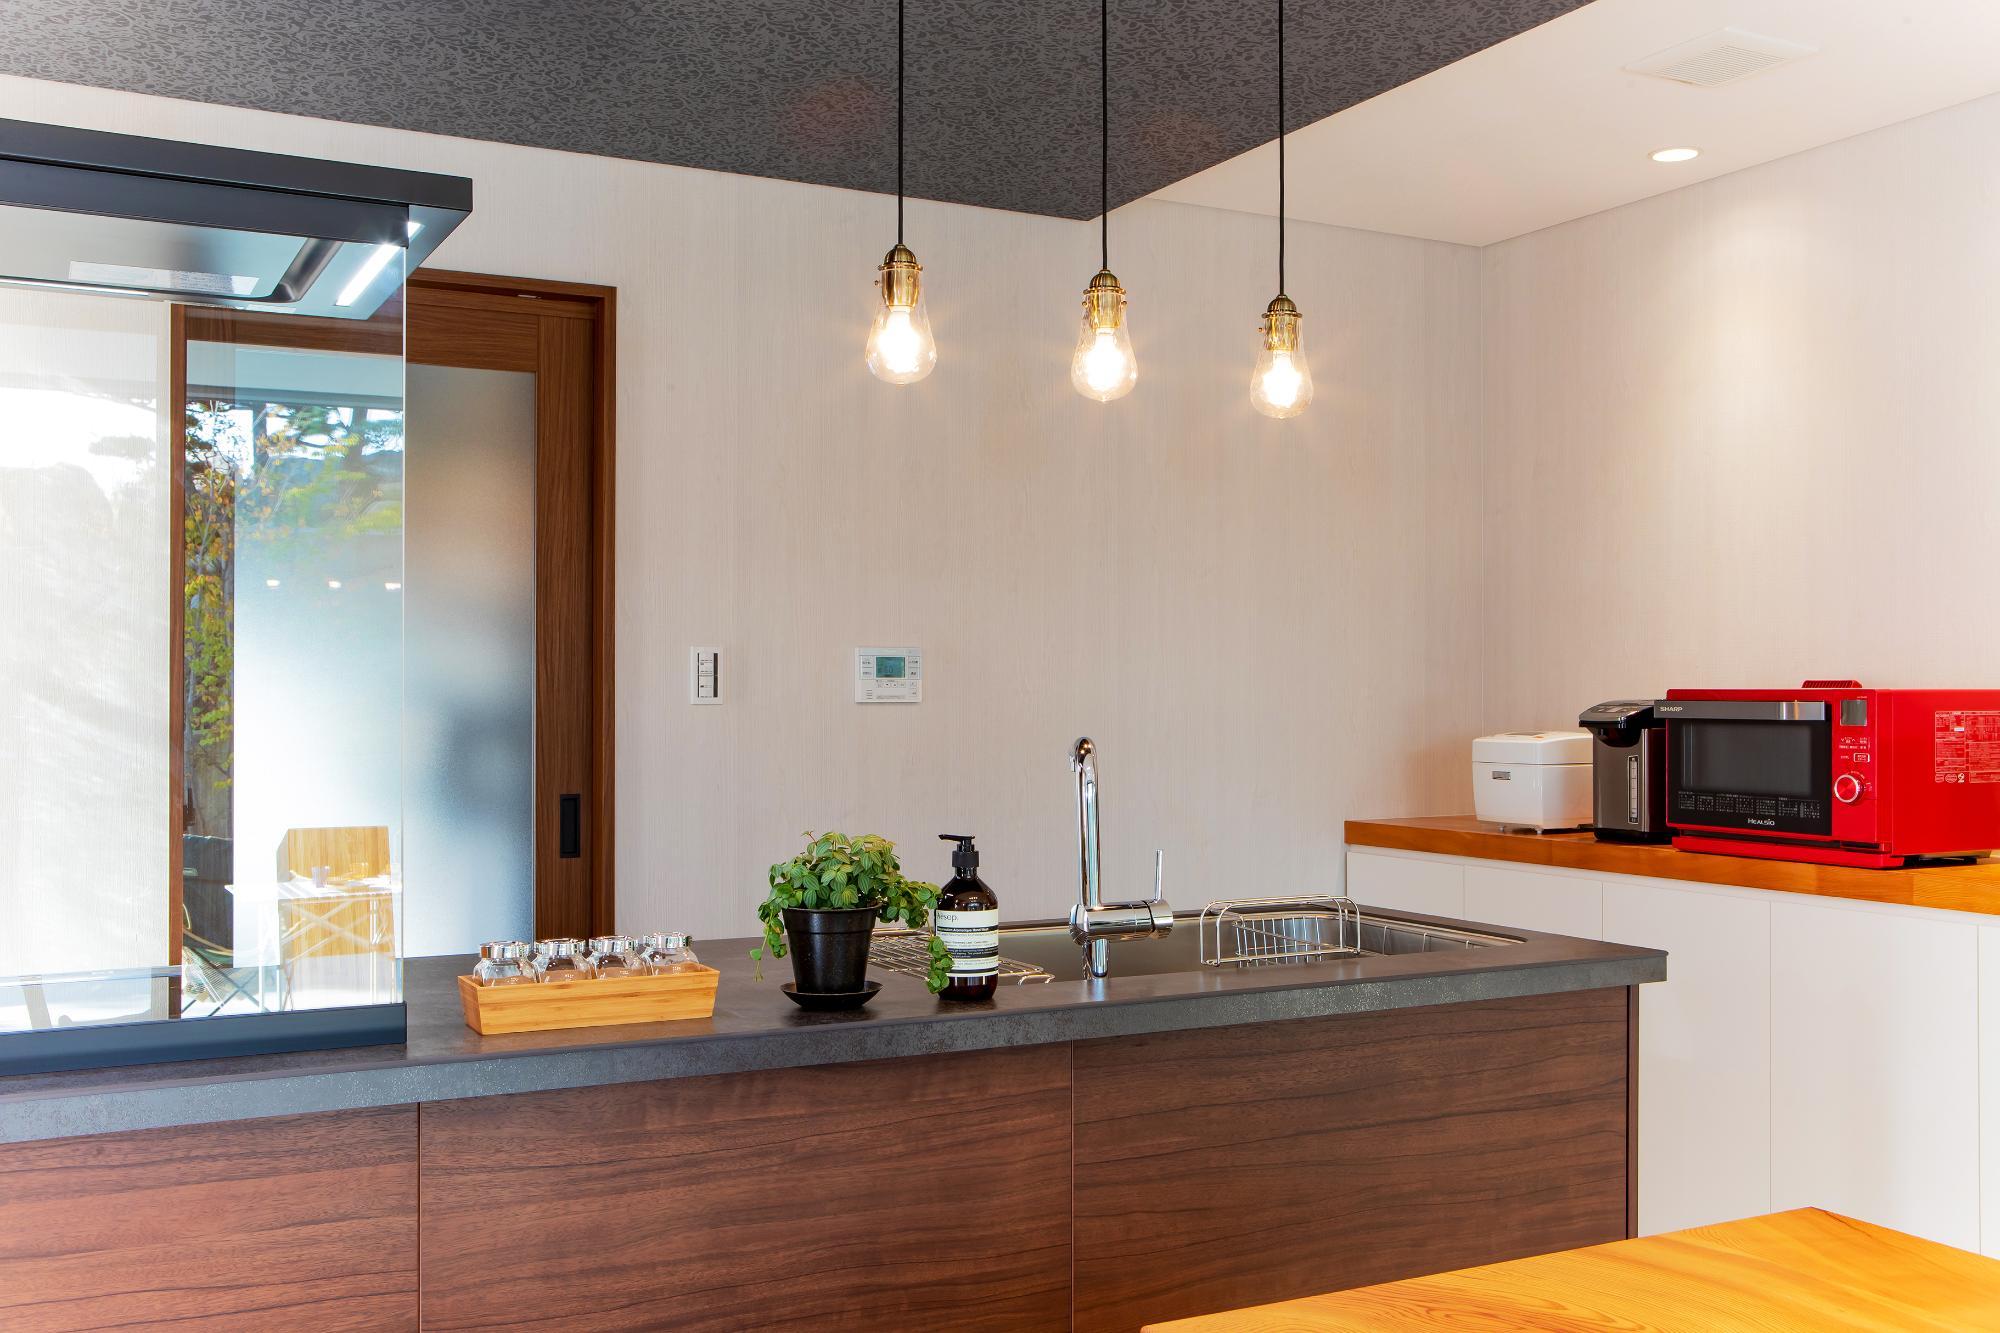 一級建築士事務所 株式会社山内組 archi labo「住み継げる住まいの提案 archi laboコンセプトハウス」のキッチンの実例写真